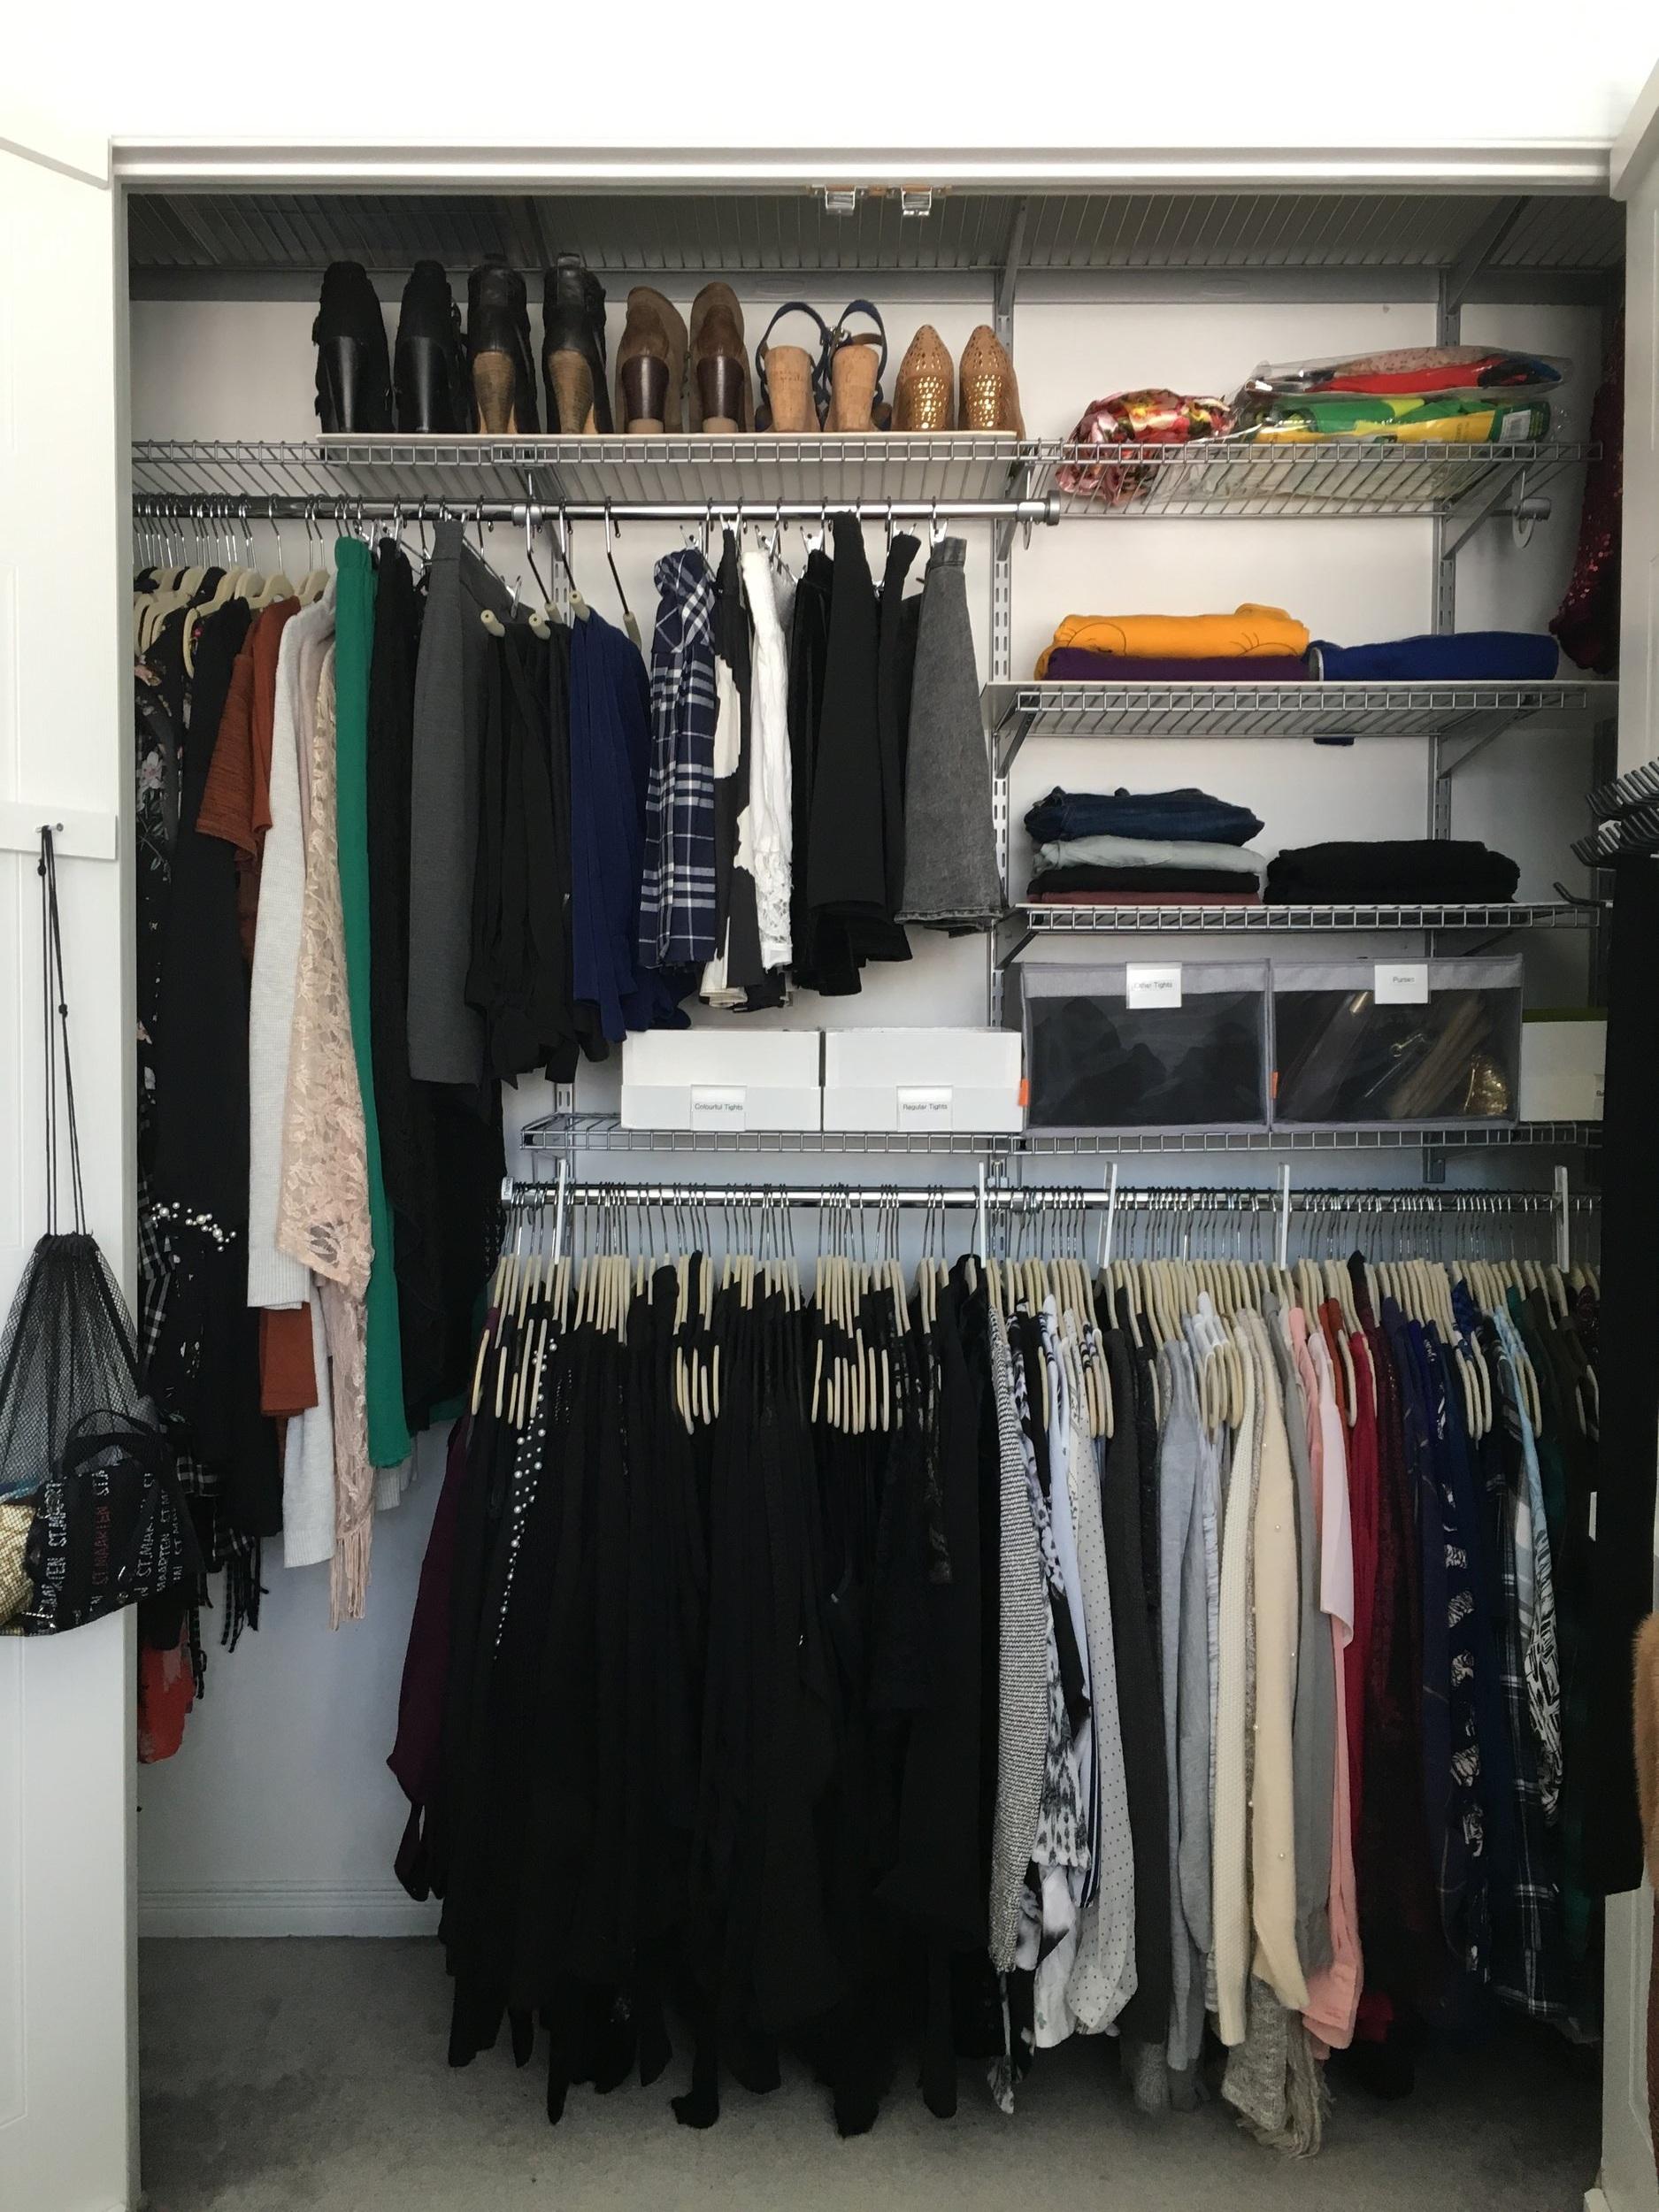 Closet 2: After